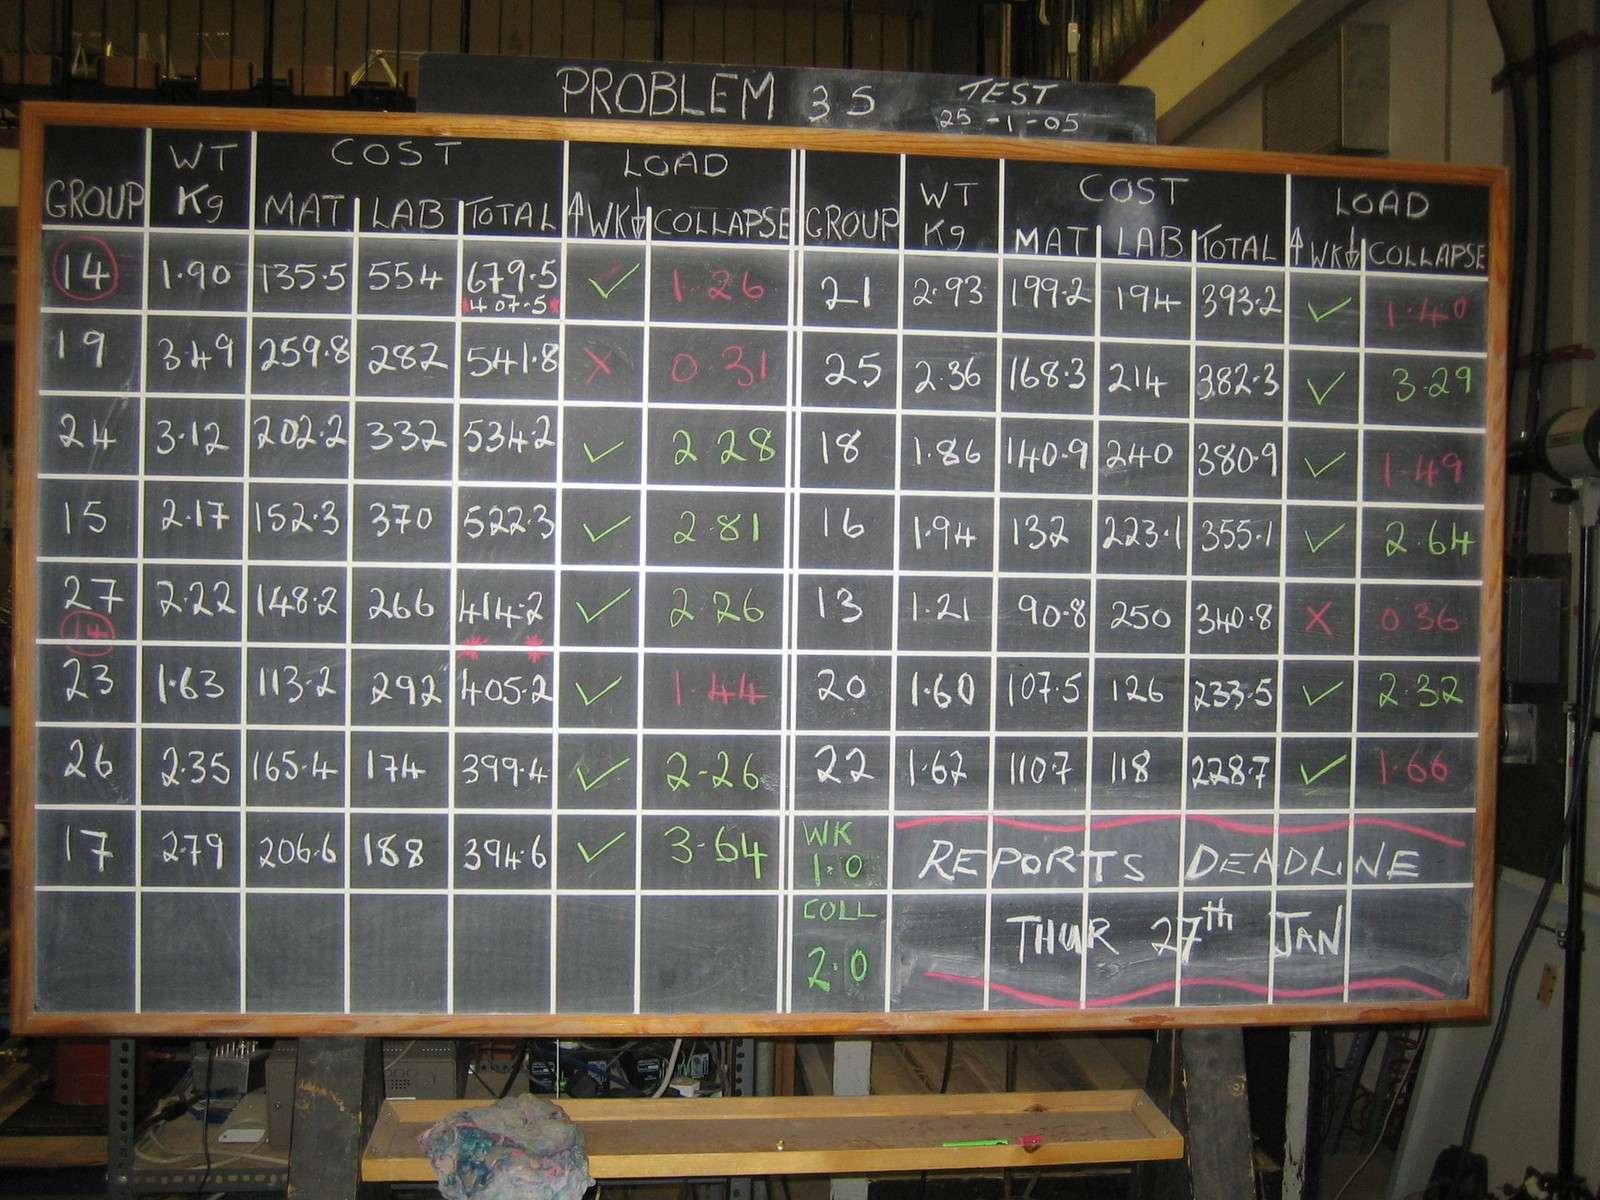 results-board-1425284-1600x1200